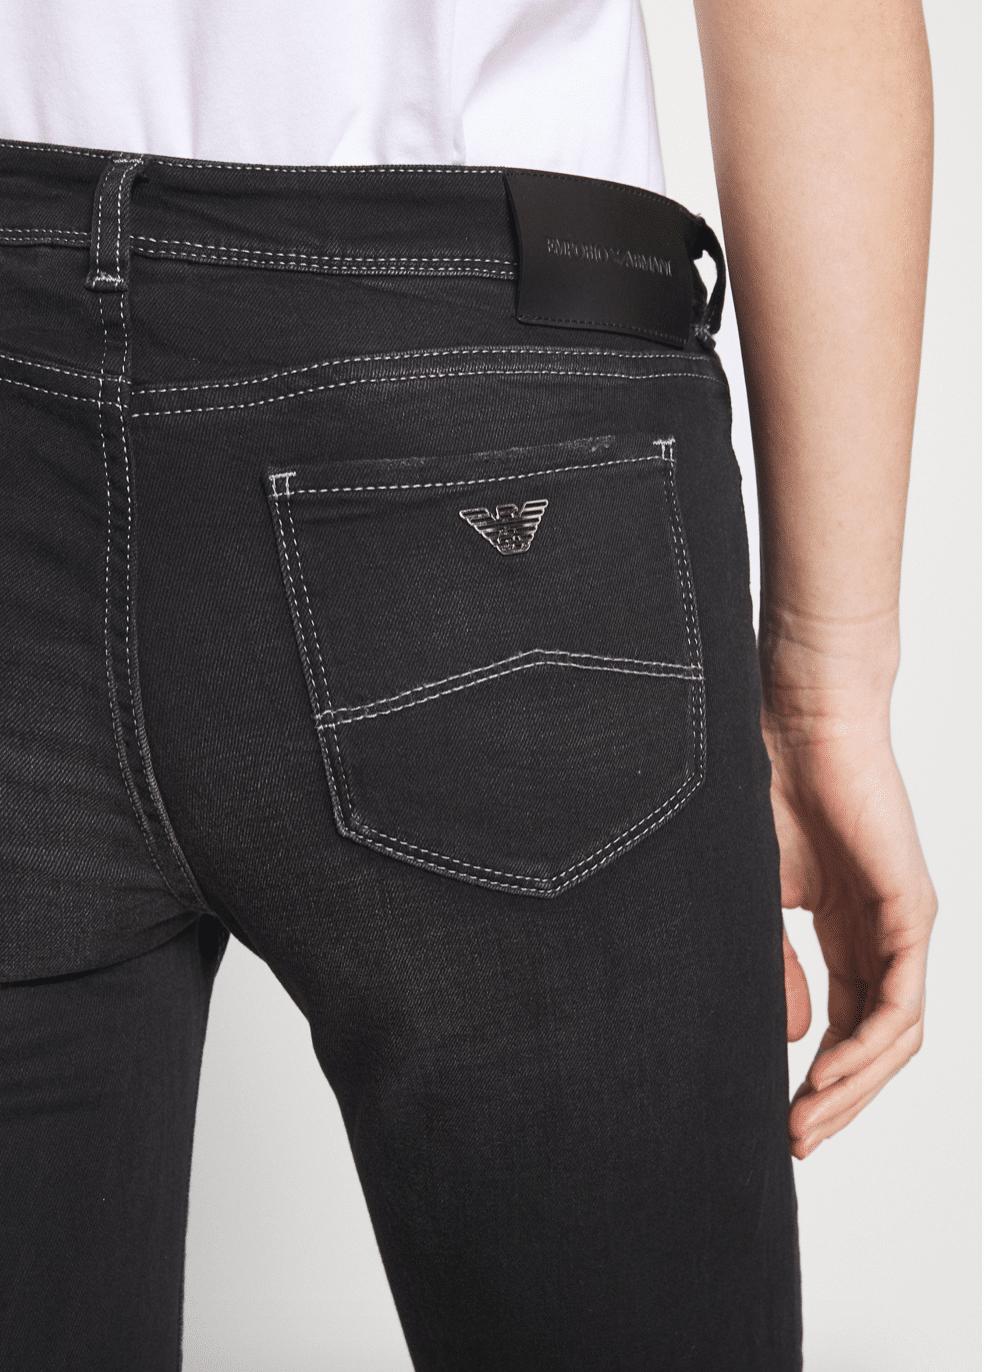 Emporio Armani Sort Jeans